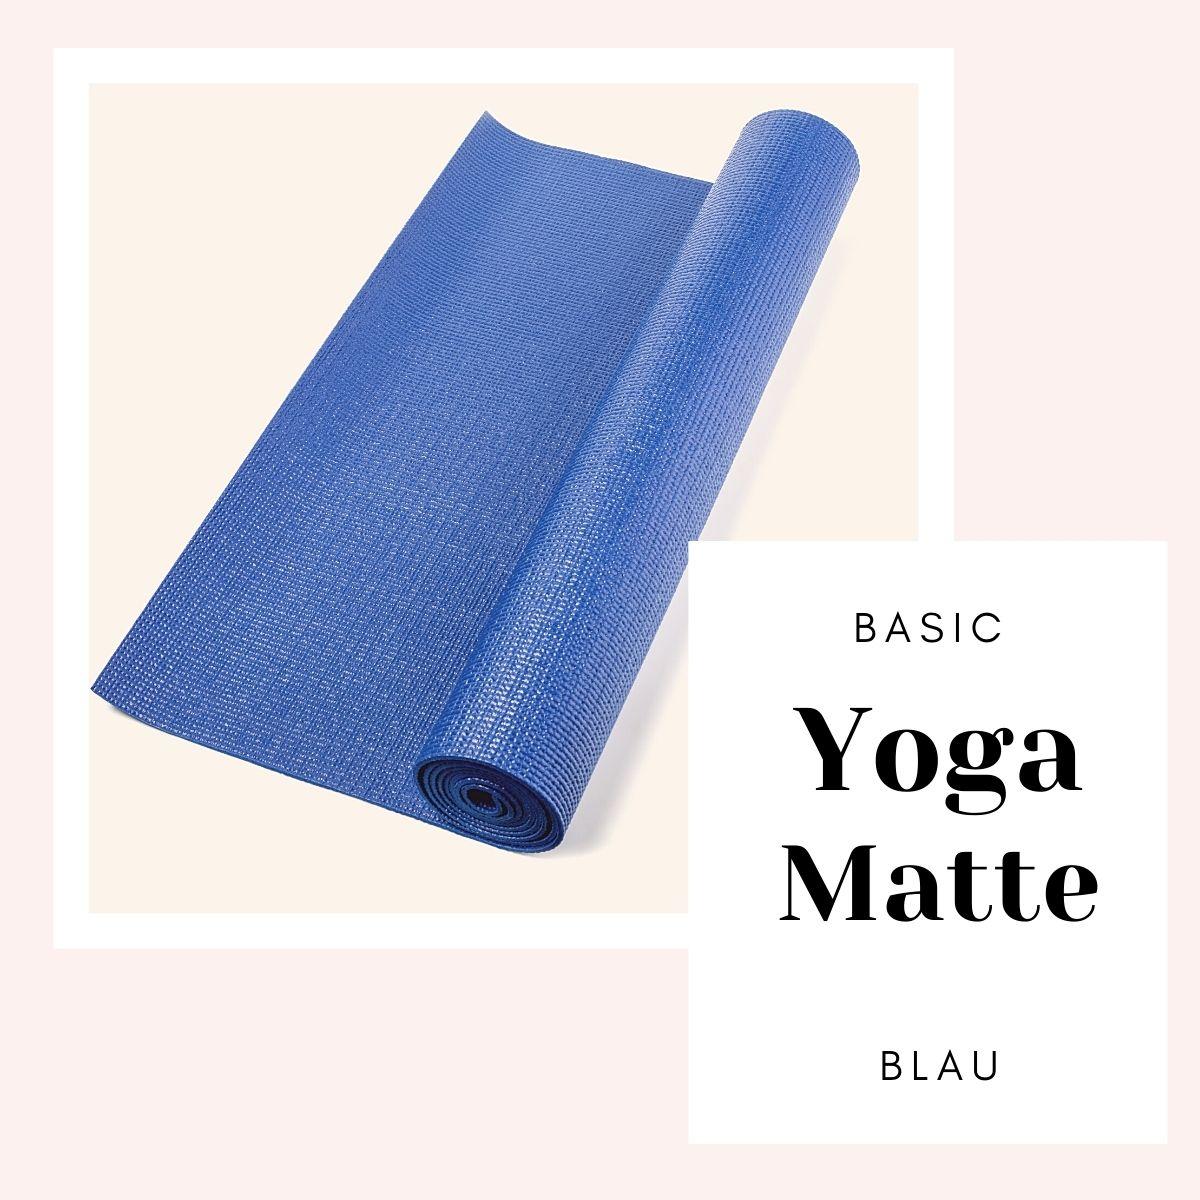 yogamatte-basic-blau-freiburg